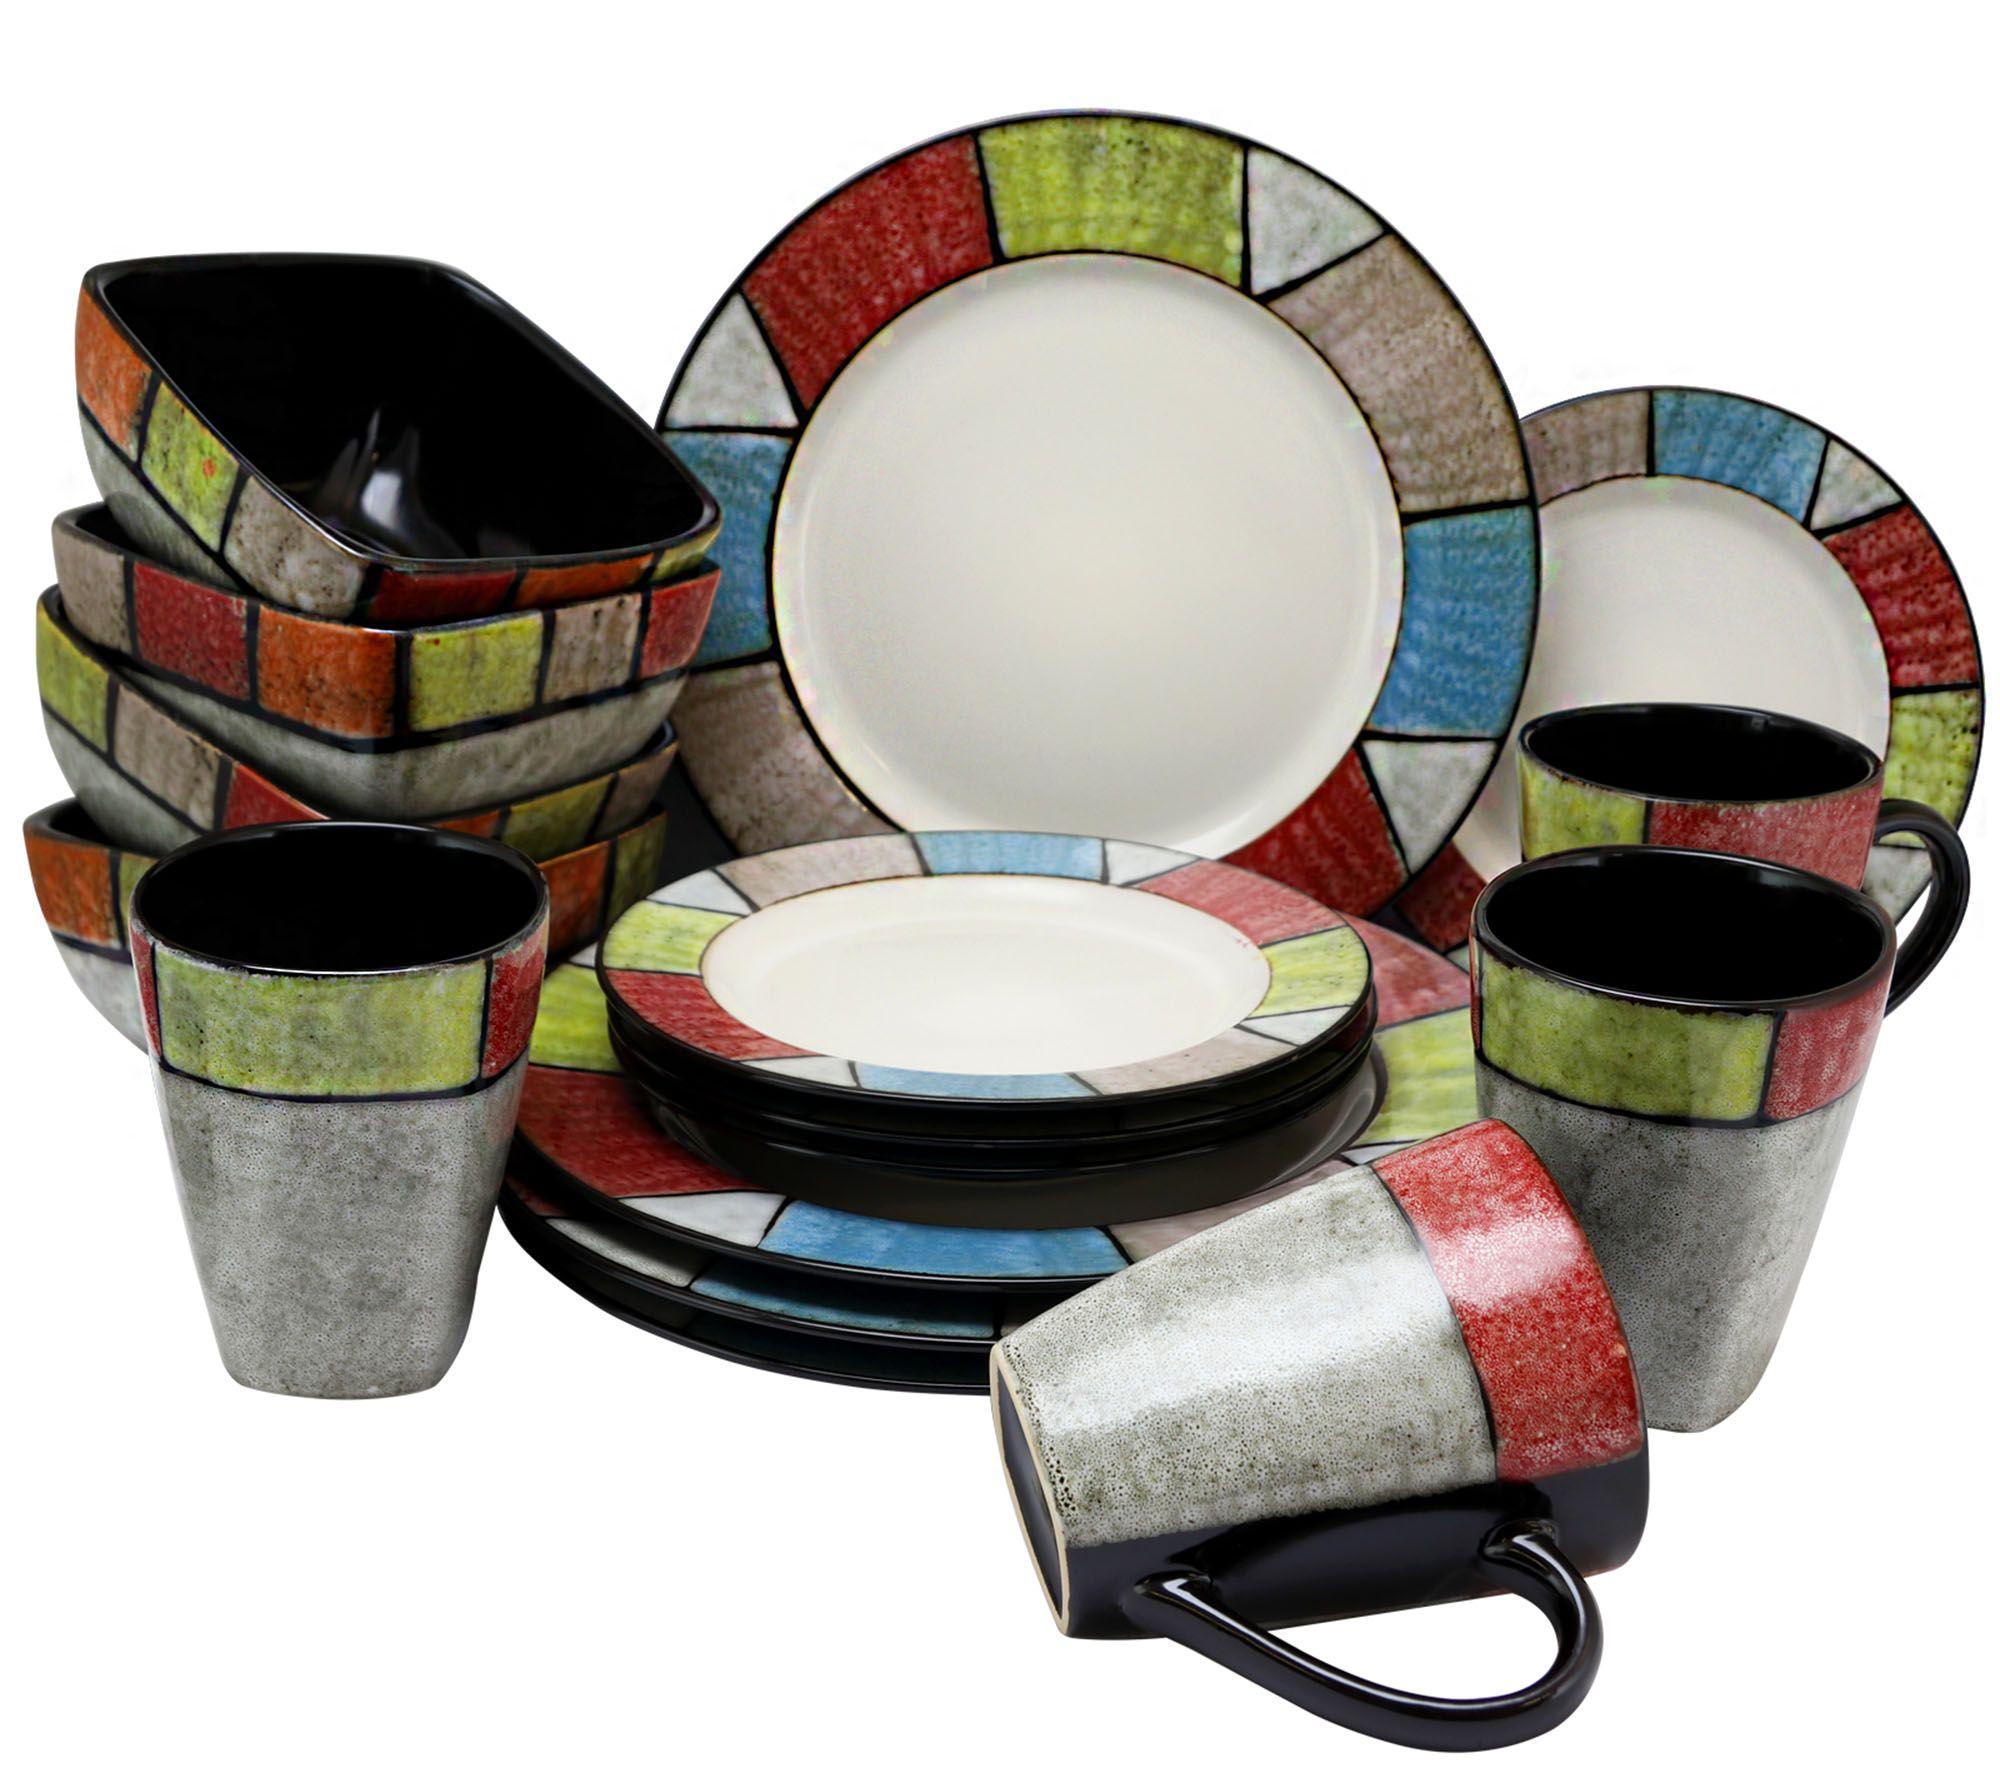 sc 1 st  QVC.com & Elama Country Cottage 16-Piece Stoneware Dinnerware Set u2014 QVC.com